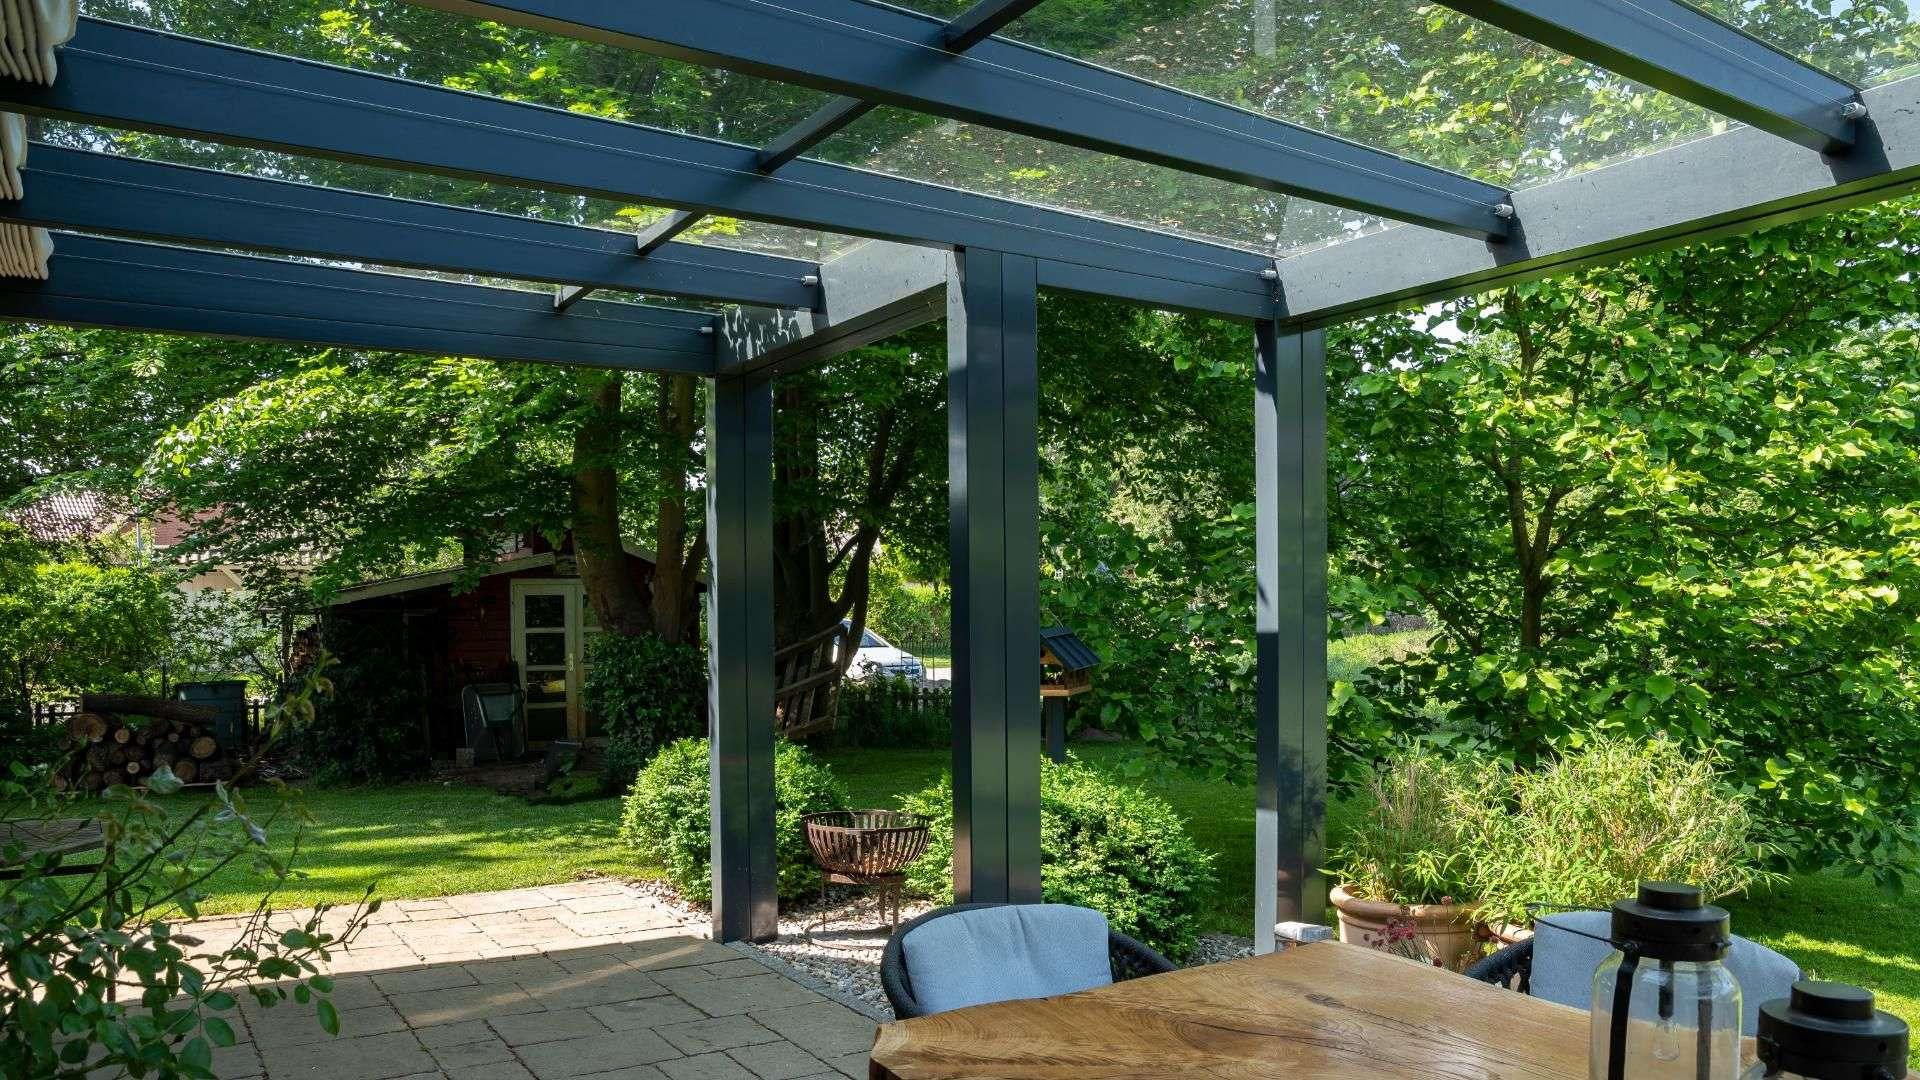 Innnansicht eines Terrassendaches mit Blick in den grünen Garten